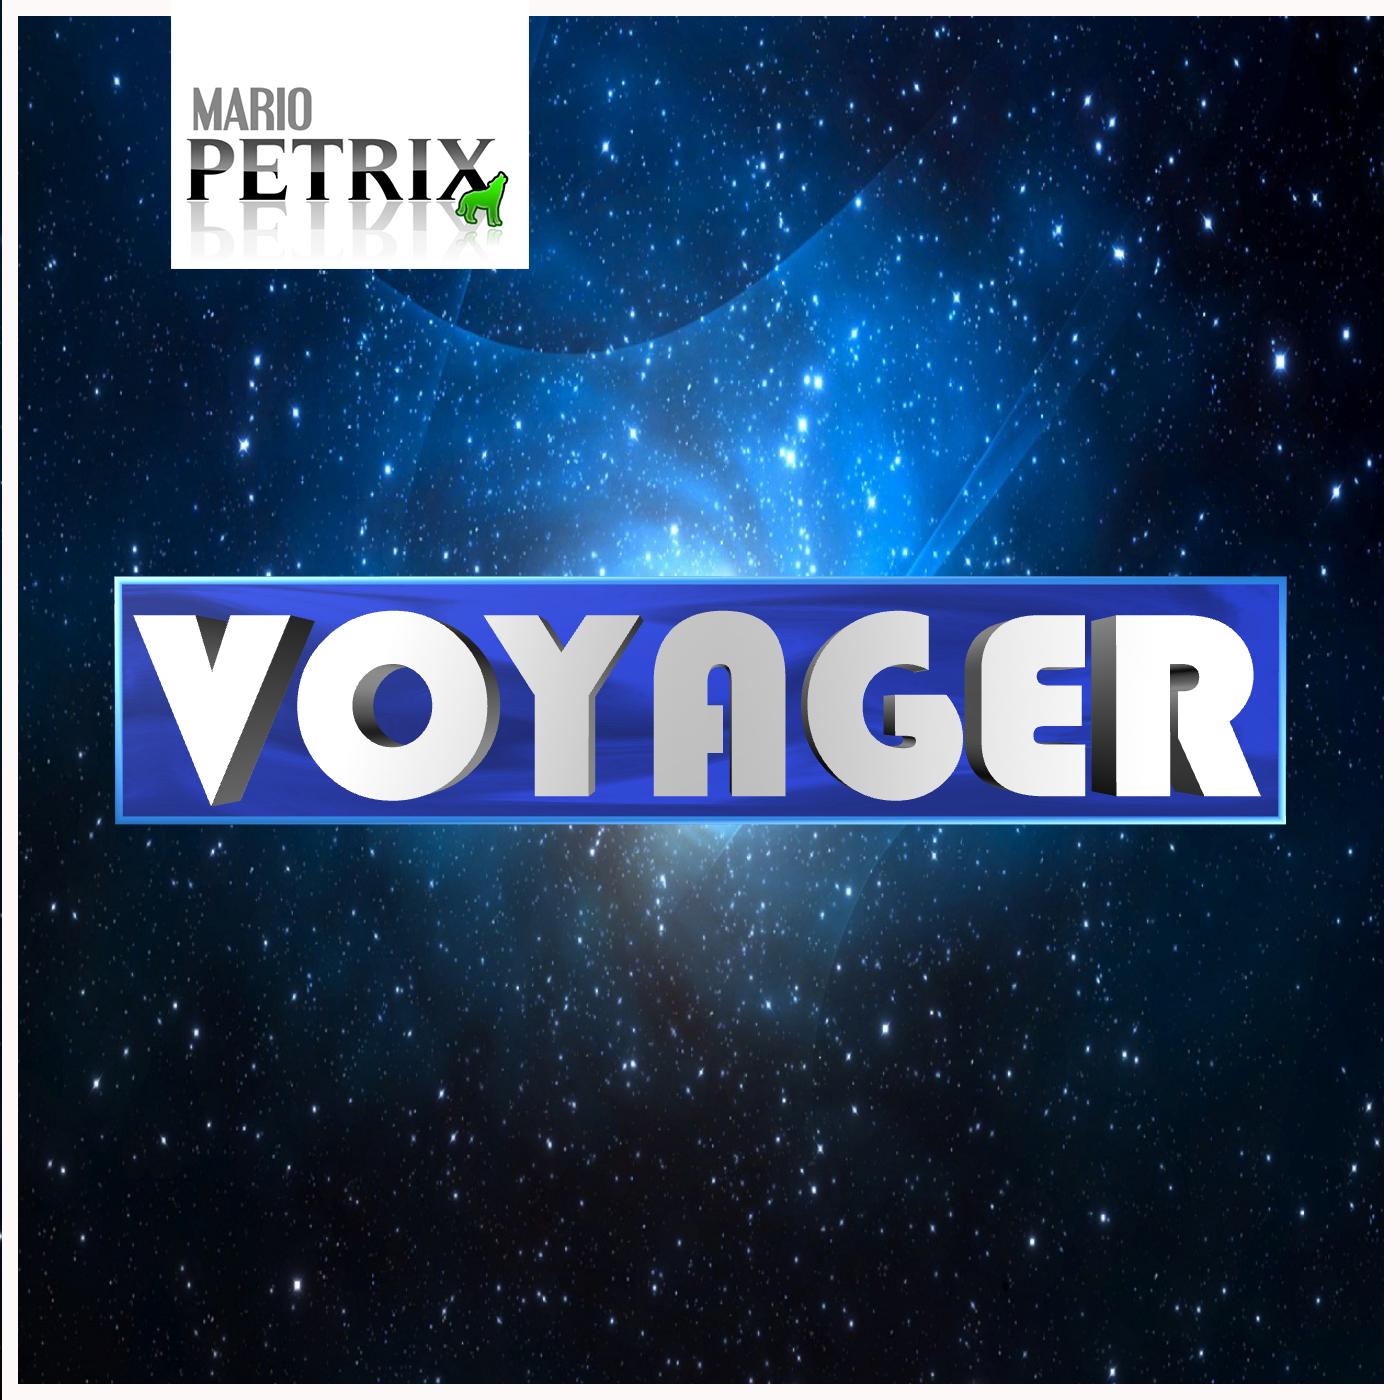 Mario Petrix Voyager